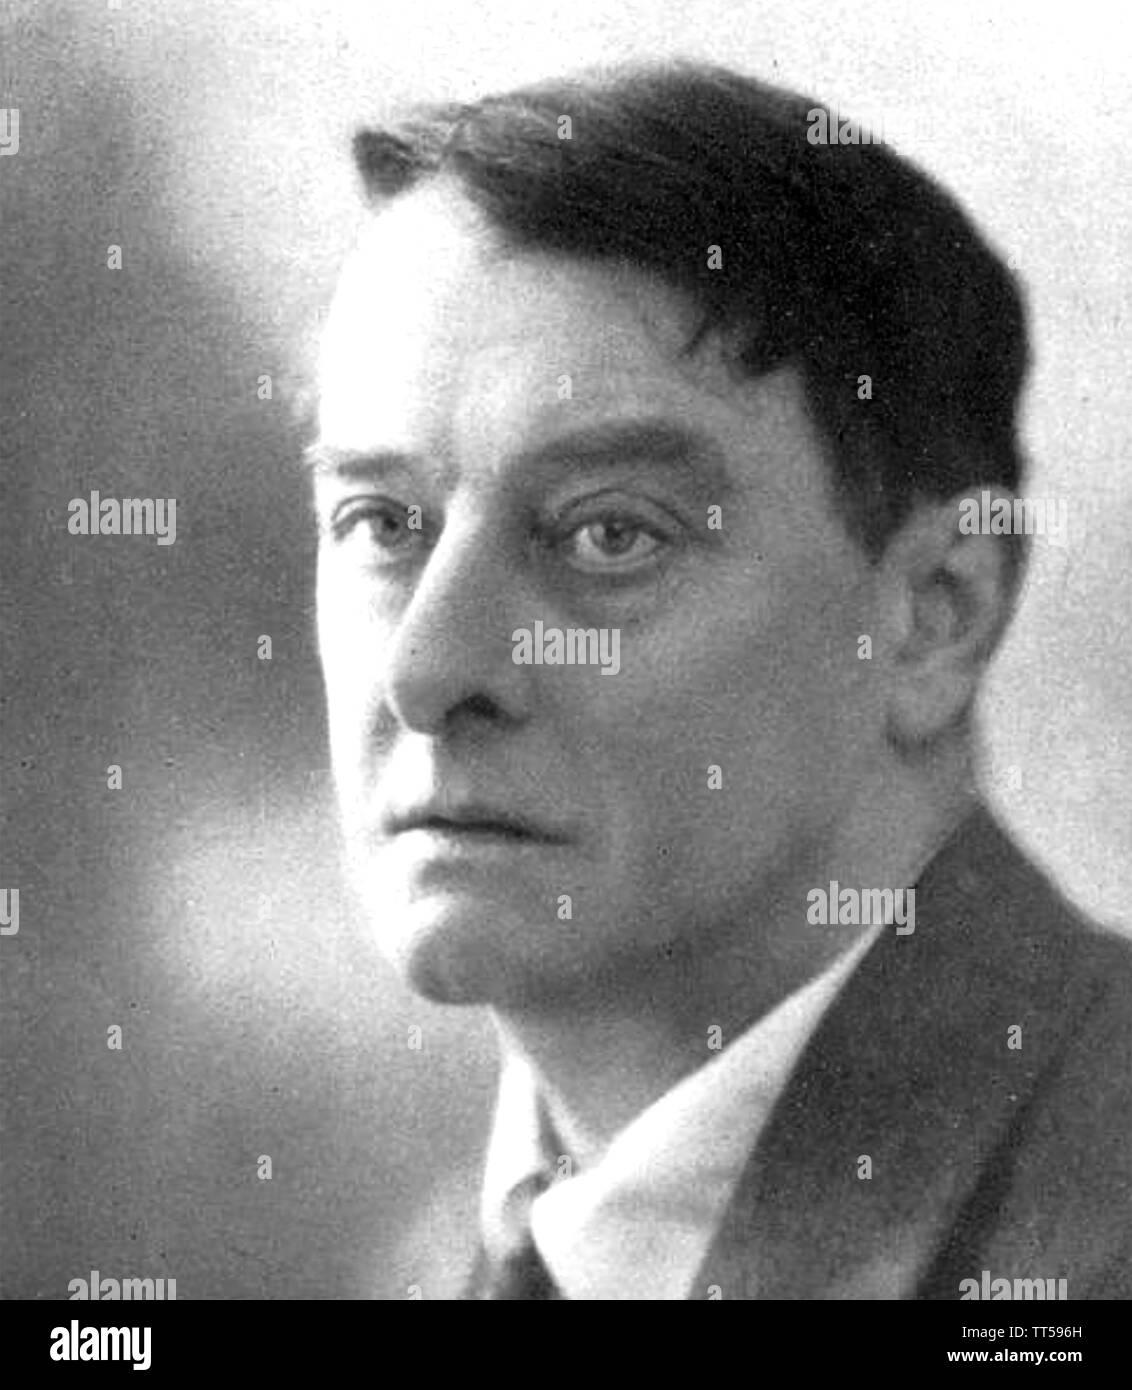 LORD ALFRED DOUGLAS (1870-1945) autore inglese, poeta e commentatore politico e amante di Oscar Wilde Immagini Stock